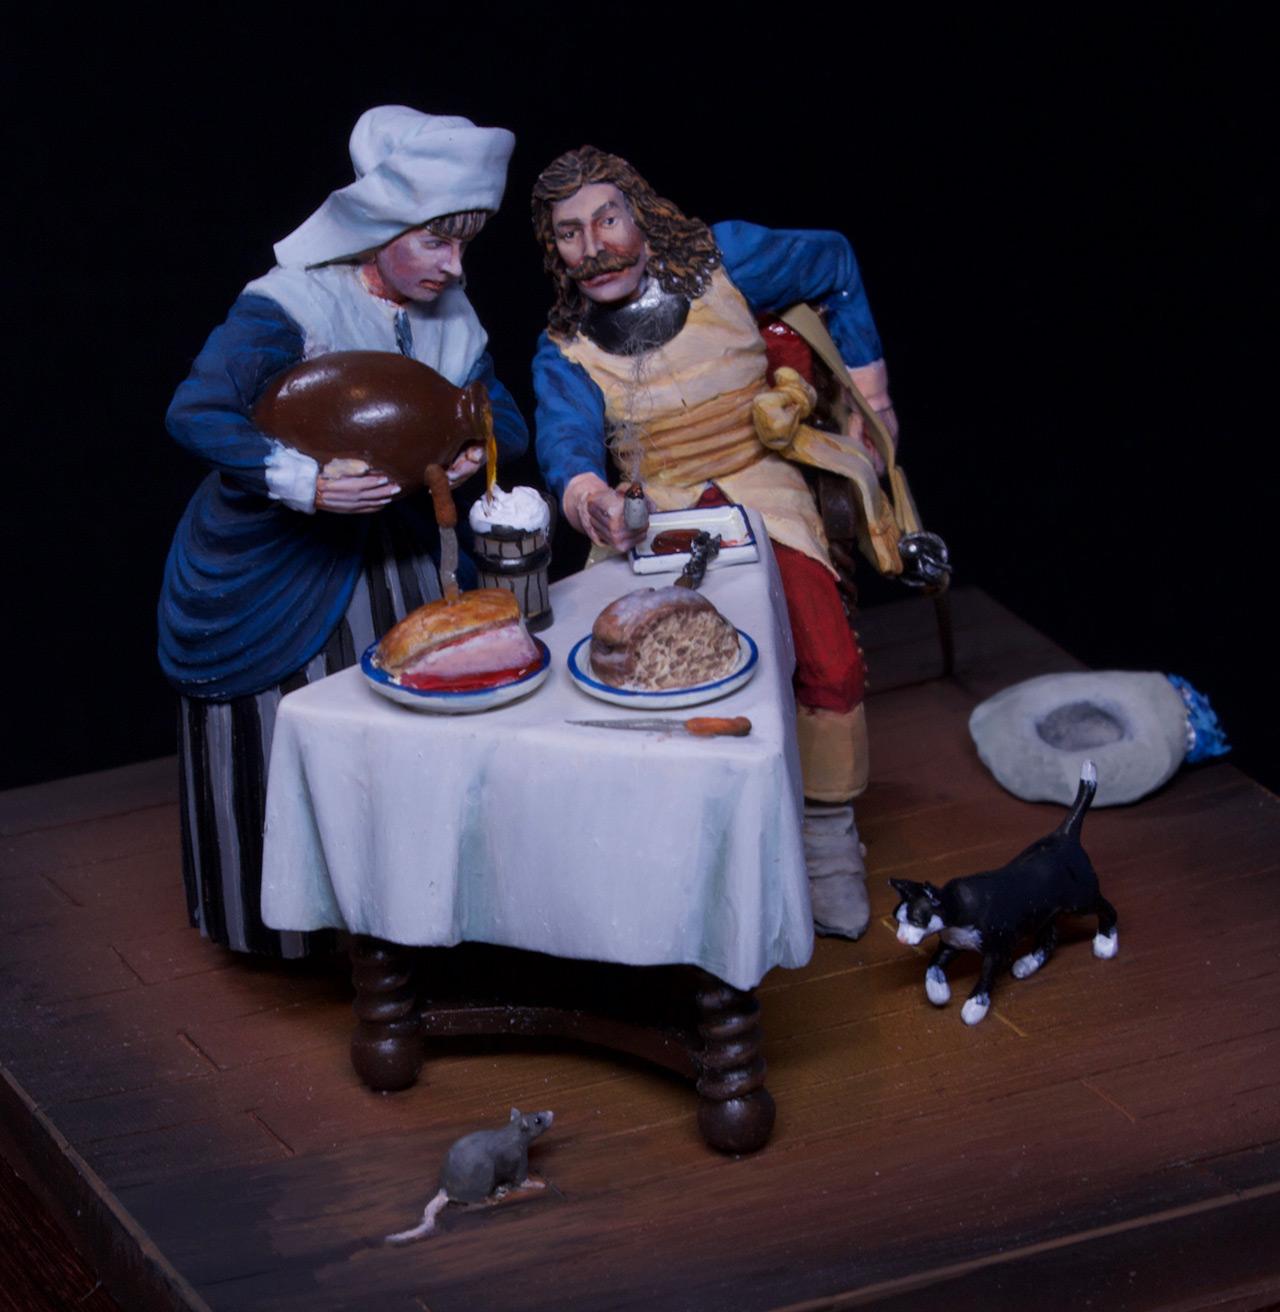 Диорамы и виньетки: Горничная и кавалер за столом, фото #4